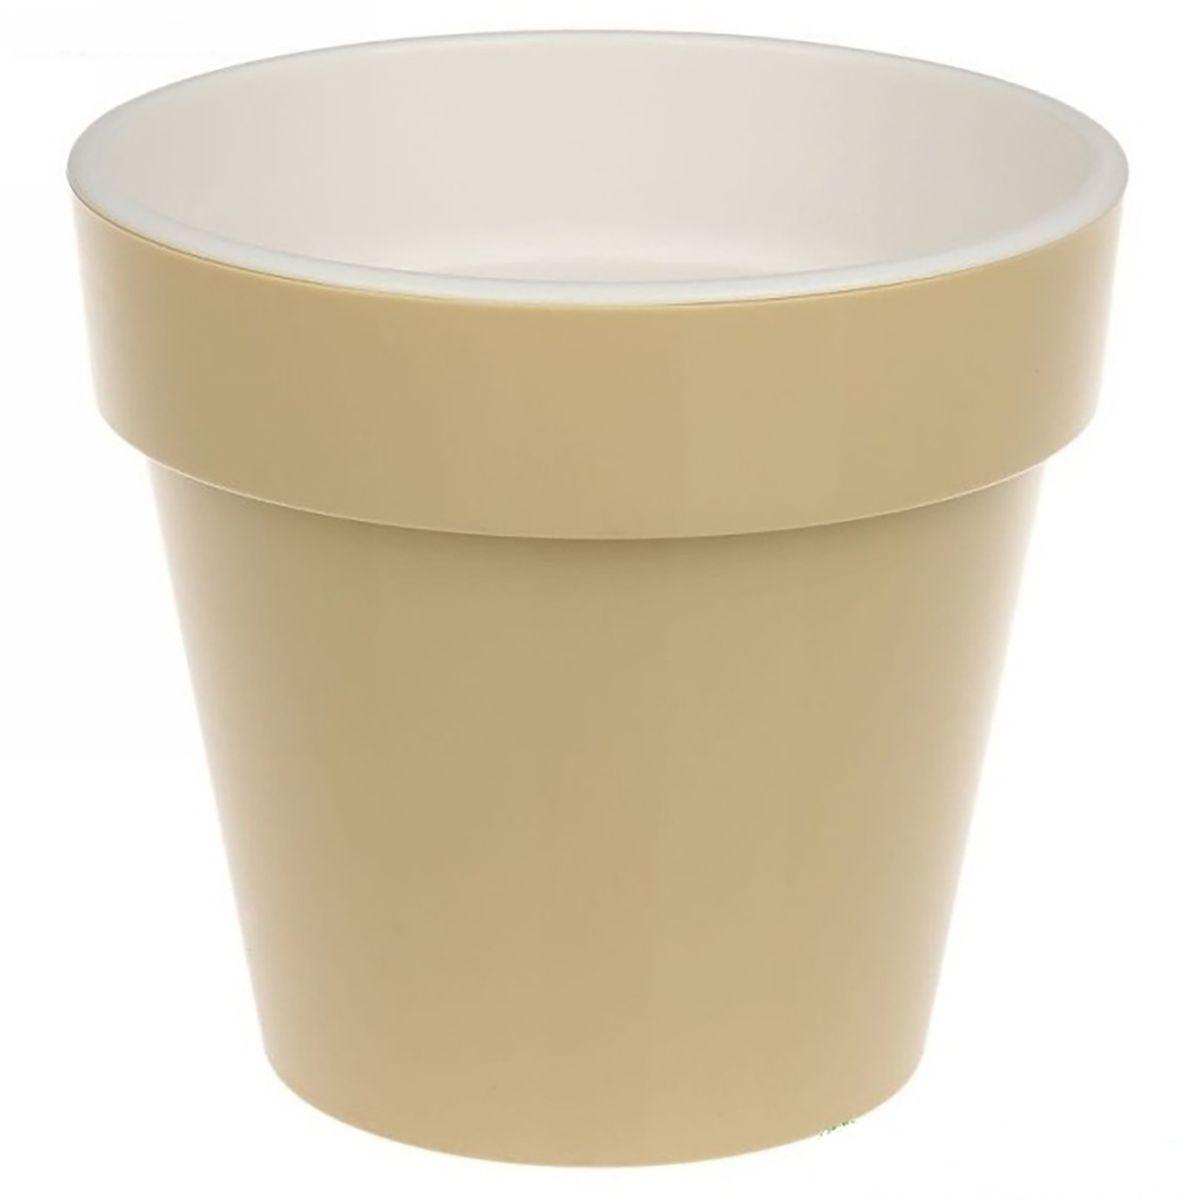 Кашпо JetPlast Порто, со вставкой, цвет: кремовый, 2,4 л4612754052455Кашпо Порто классической формы с внутренней вставкой-горшком. Дренажная вставка позволяет легко поливать растения без использования дополнительного поддона. Вместительный объем кашпо позволяет высаживать самые разнообразные растения, а съемная вставка избавит вас от грязи и подчеркнет красоту цветка. Оно изготовлено из прочного полипропилена (пластика). Такое кашпо порадует вас функциональностью, а благодаря лаконичному дизайну впишется в любой интерьер помещения. Объем кашпо: 2,4 л.